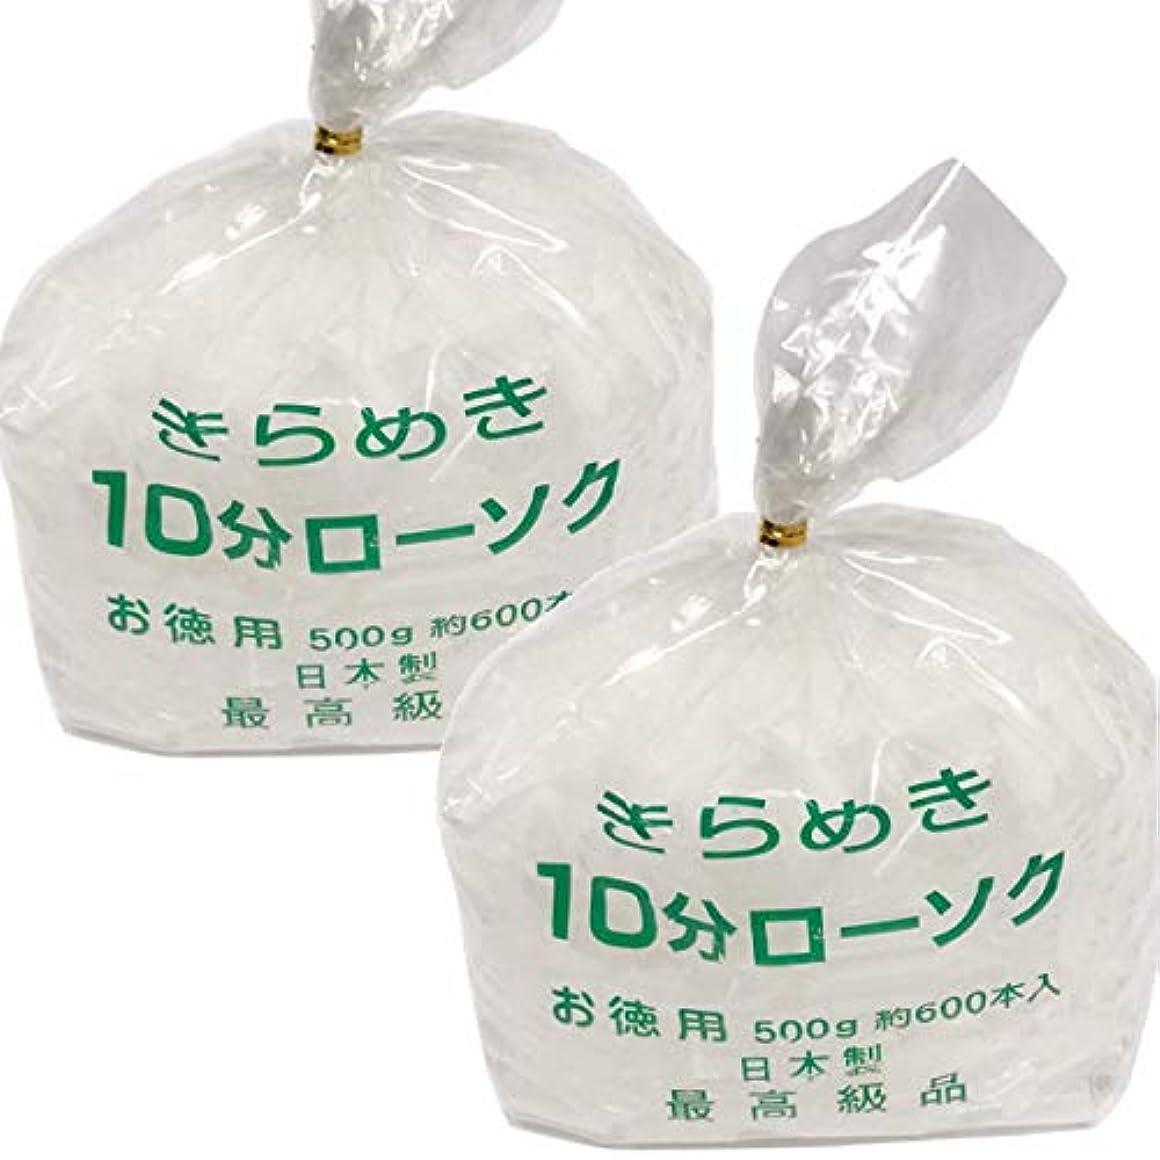 グローバルピジンお客様東亜ローソク ミニロウソク きらめき お徳用袋入 5分?10分 (10分ローソク2袋)